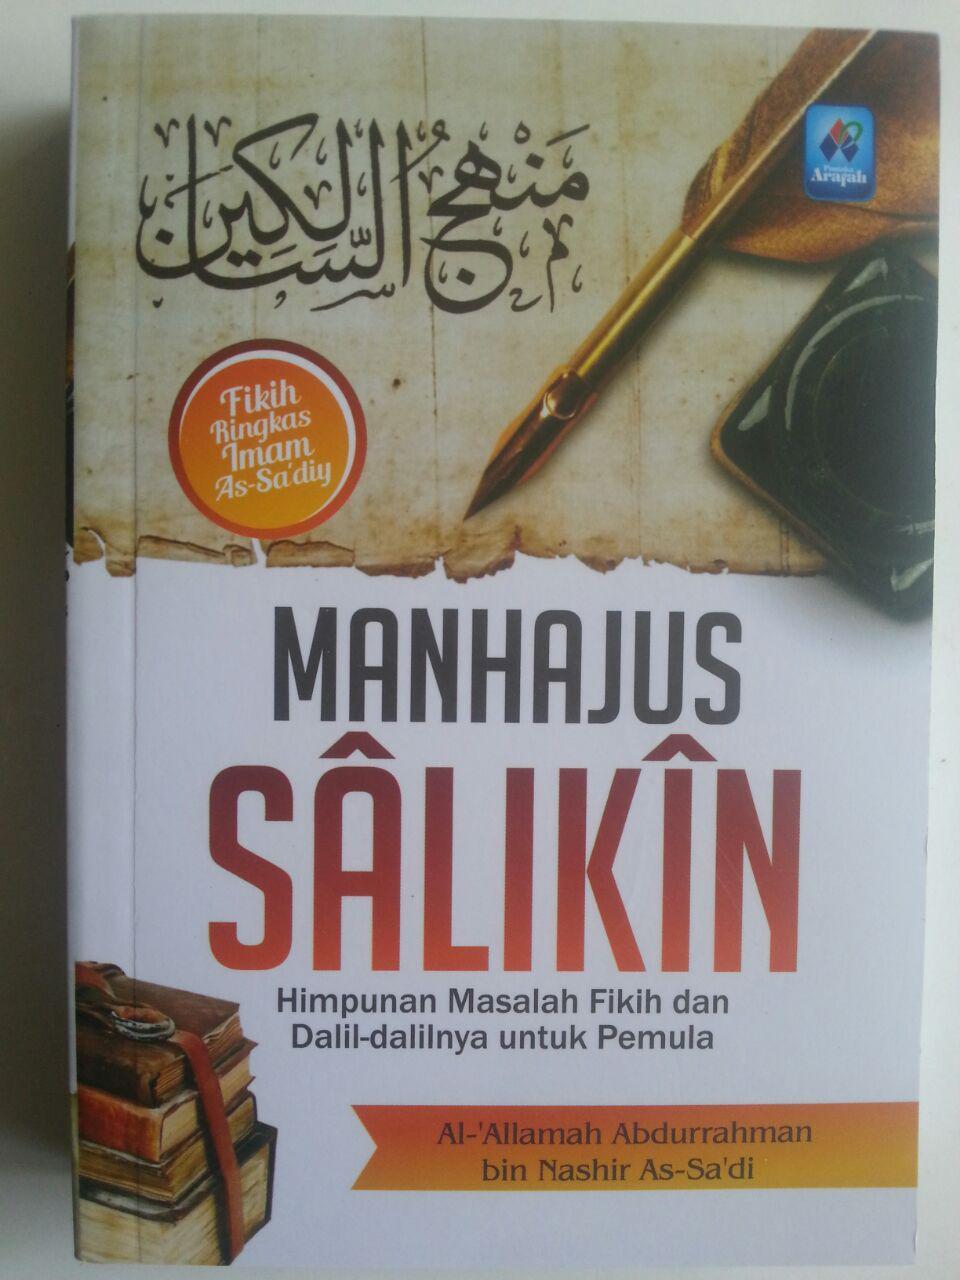 Buku Manhajus Salikin Himpunan Masalah Fikih Dan Dalilnya Untuk Pemula cover 2